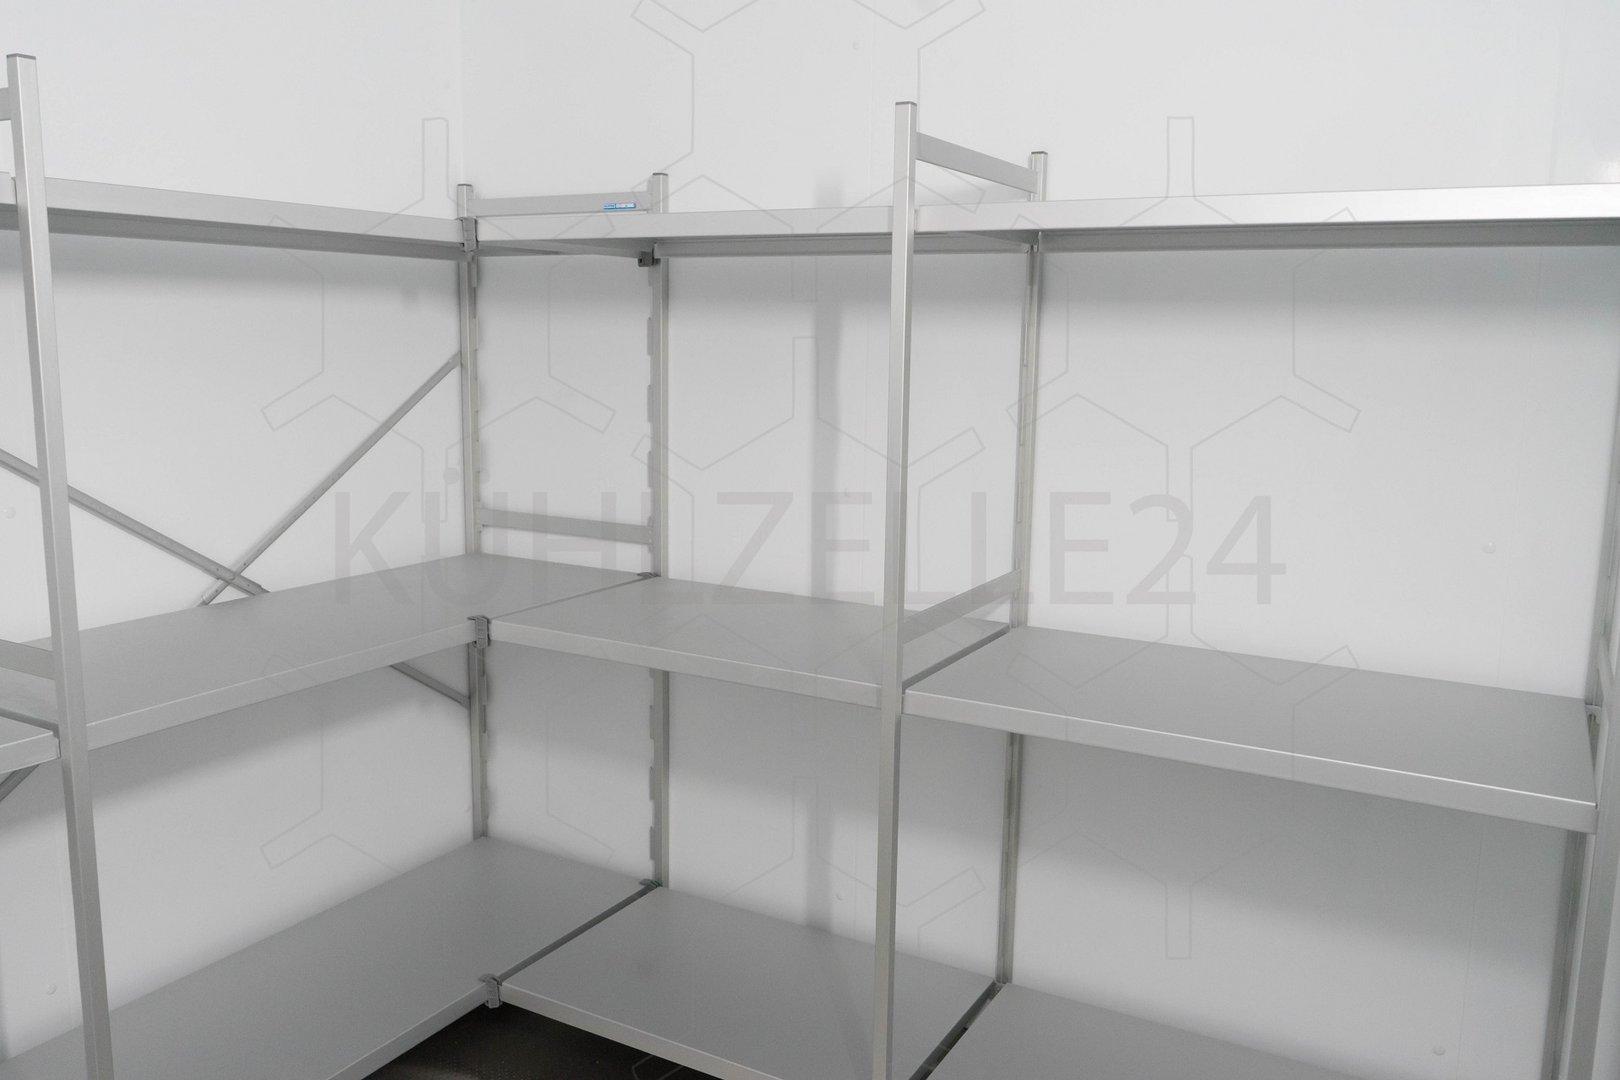 regalsystem alu alu regal fr wohnmobil heckgarage garage incl boxen systemregal regalsystem. Black Bedroom Furniture Sets. Home Design Ideas